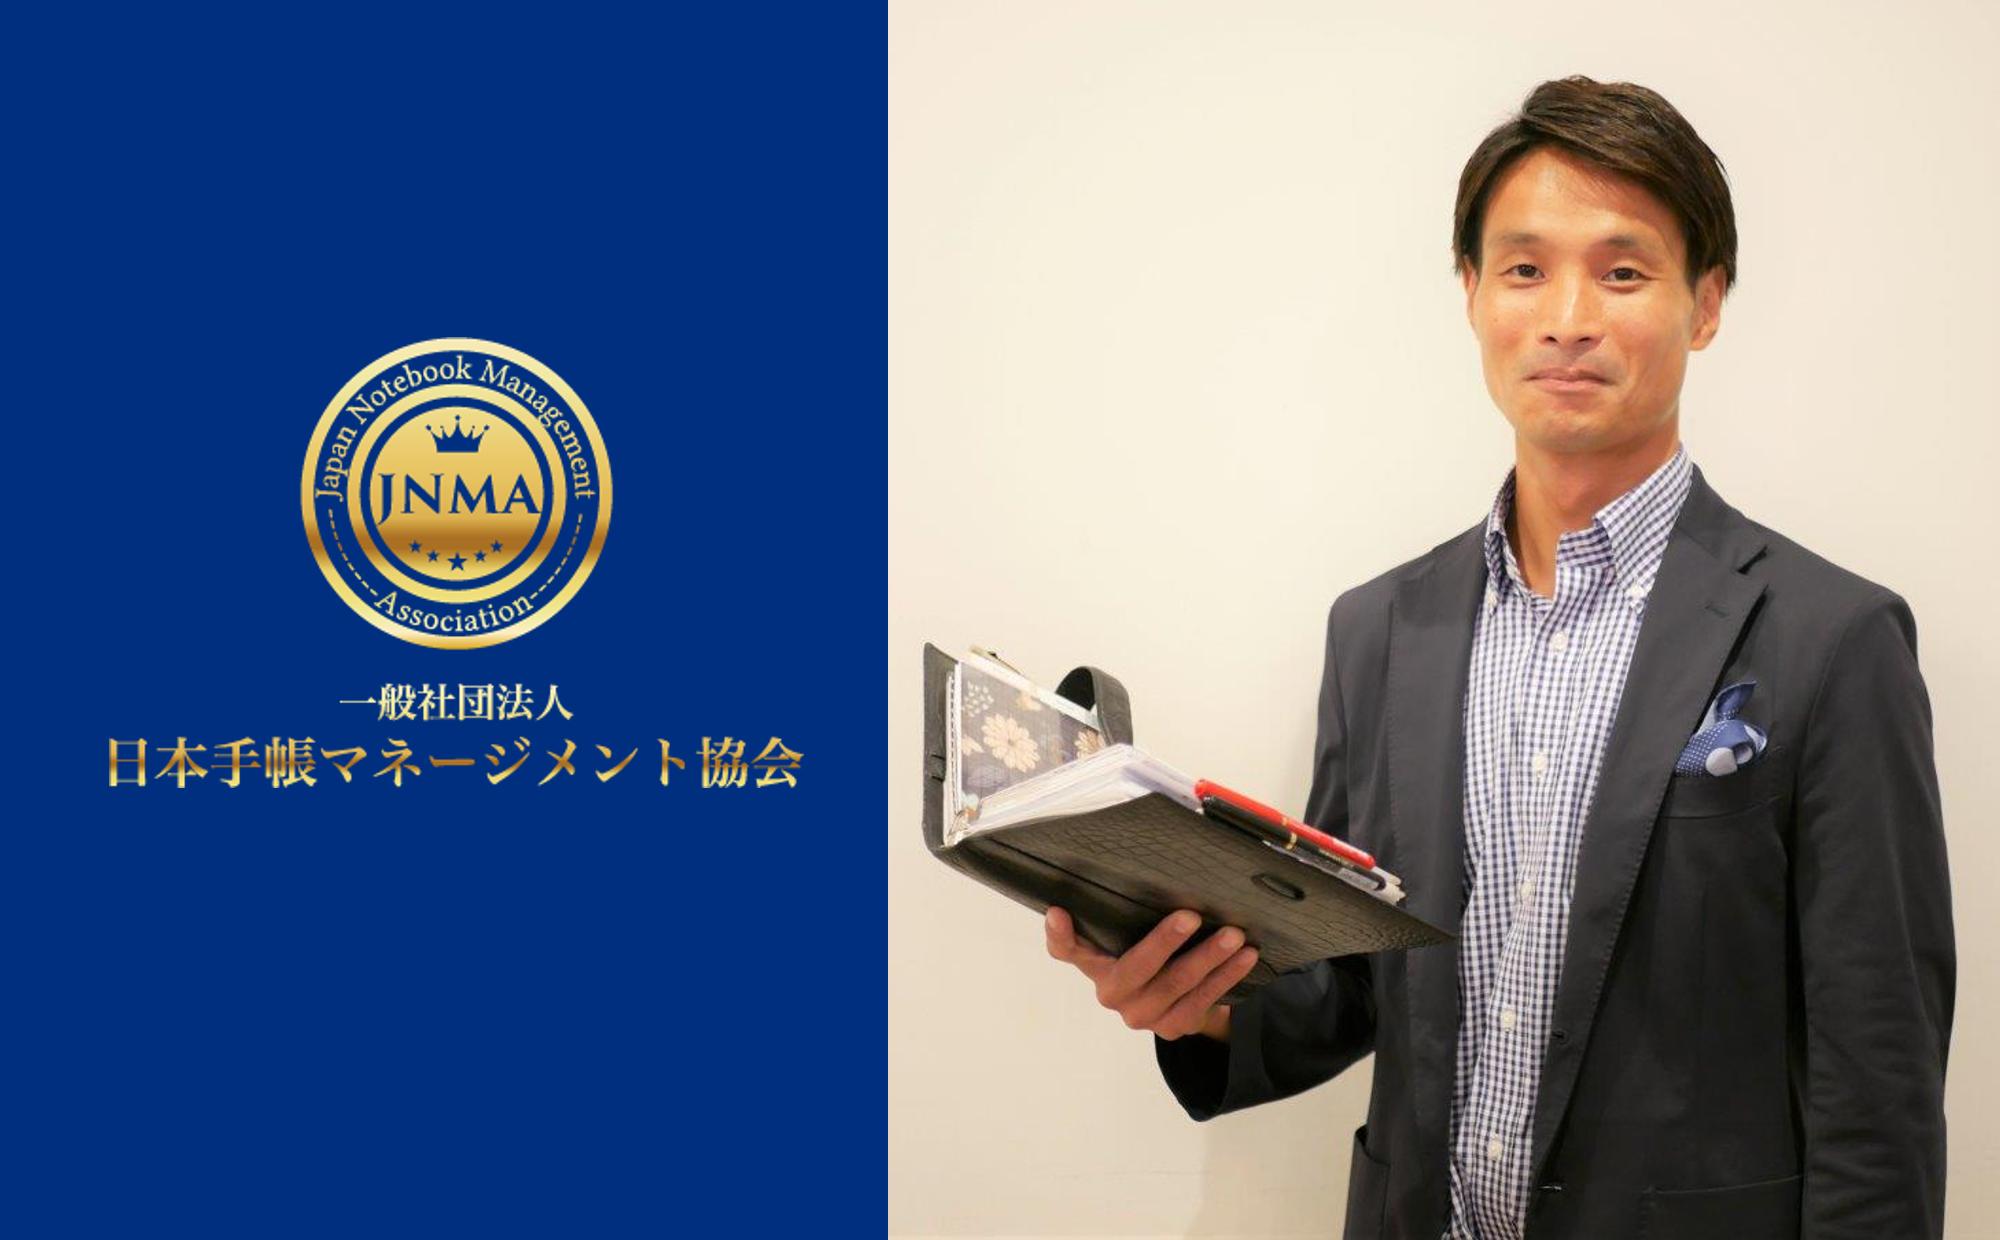 手帳術の普及を目指し『日本手帳マネージメント協会』を設立しました